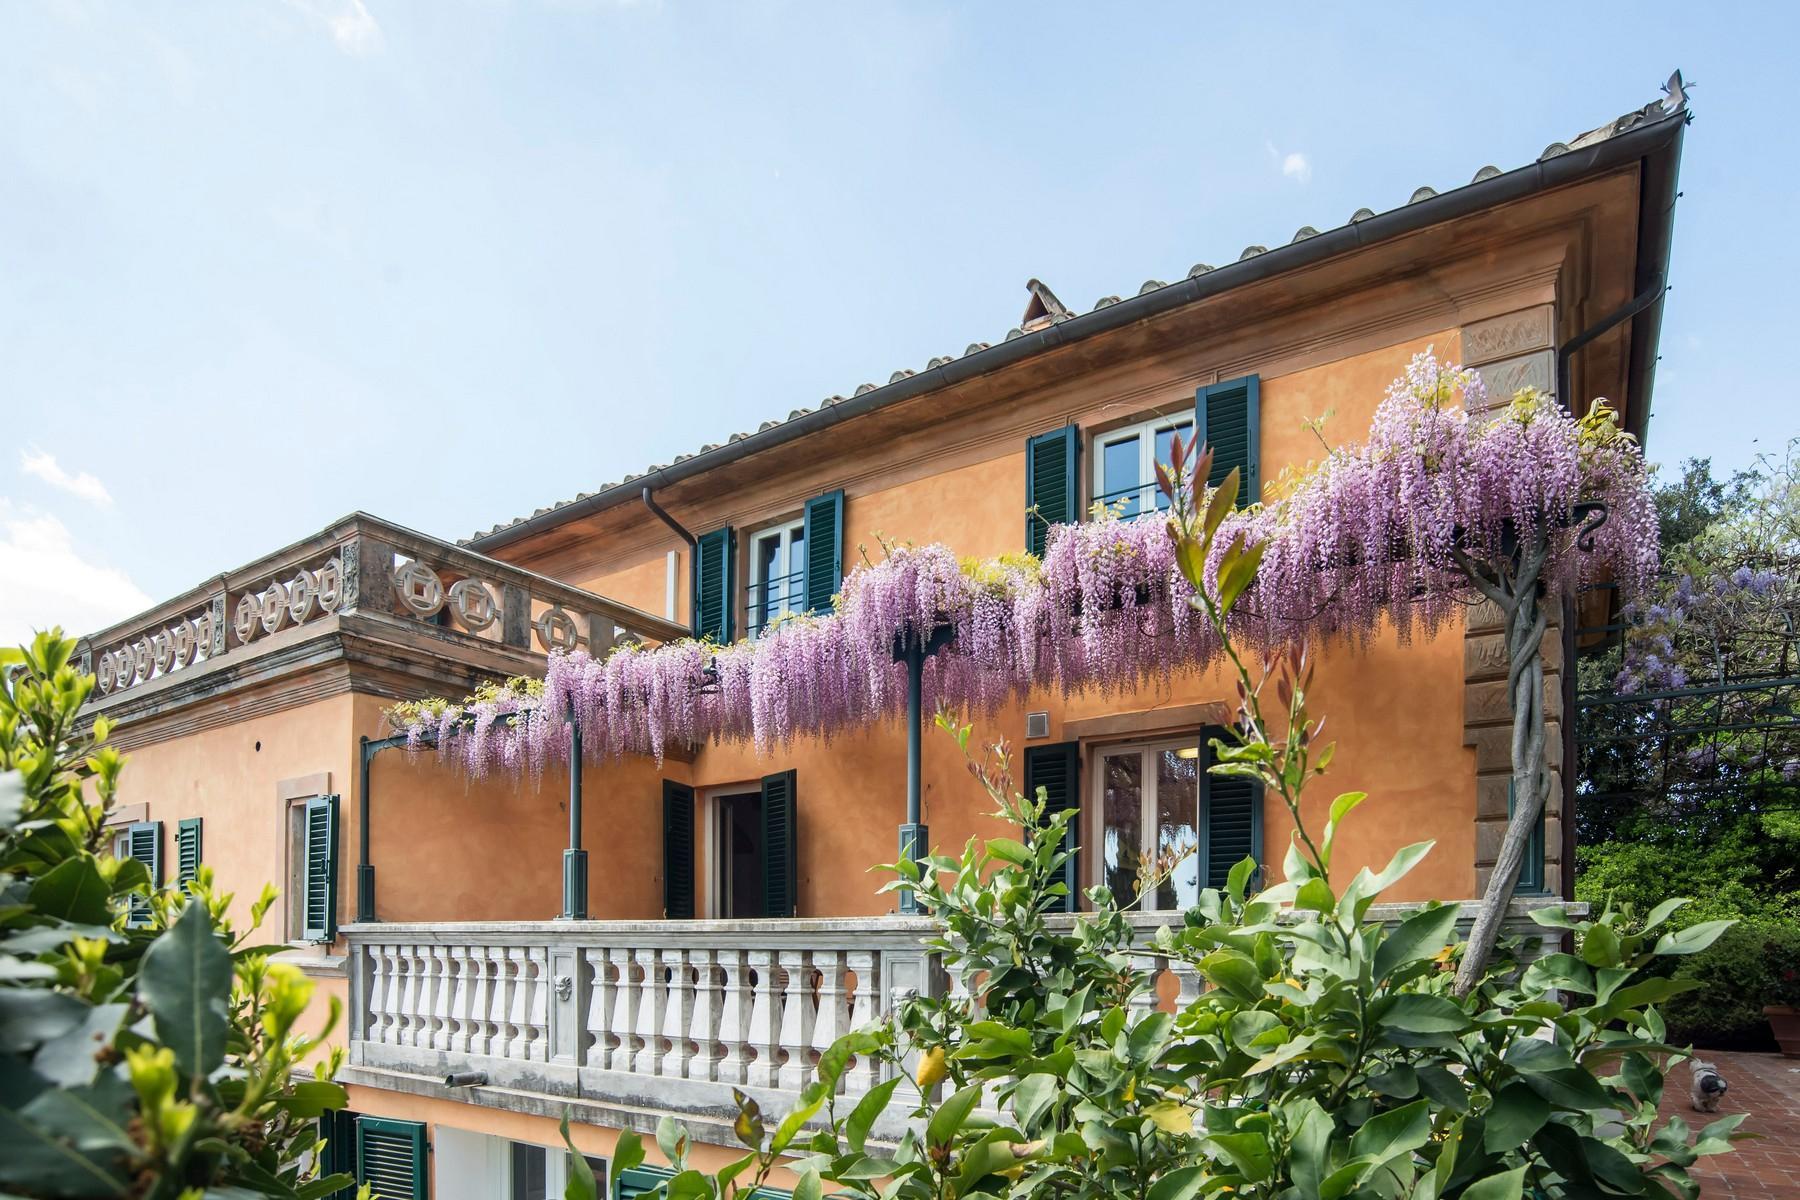 Stupenda villa nei pressi del Golf di Montecatini Terme - 4